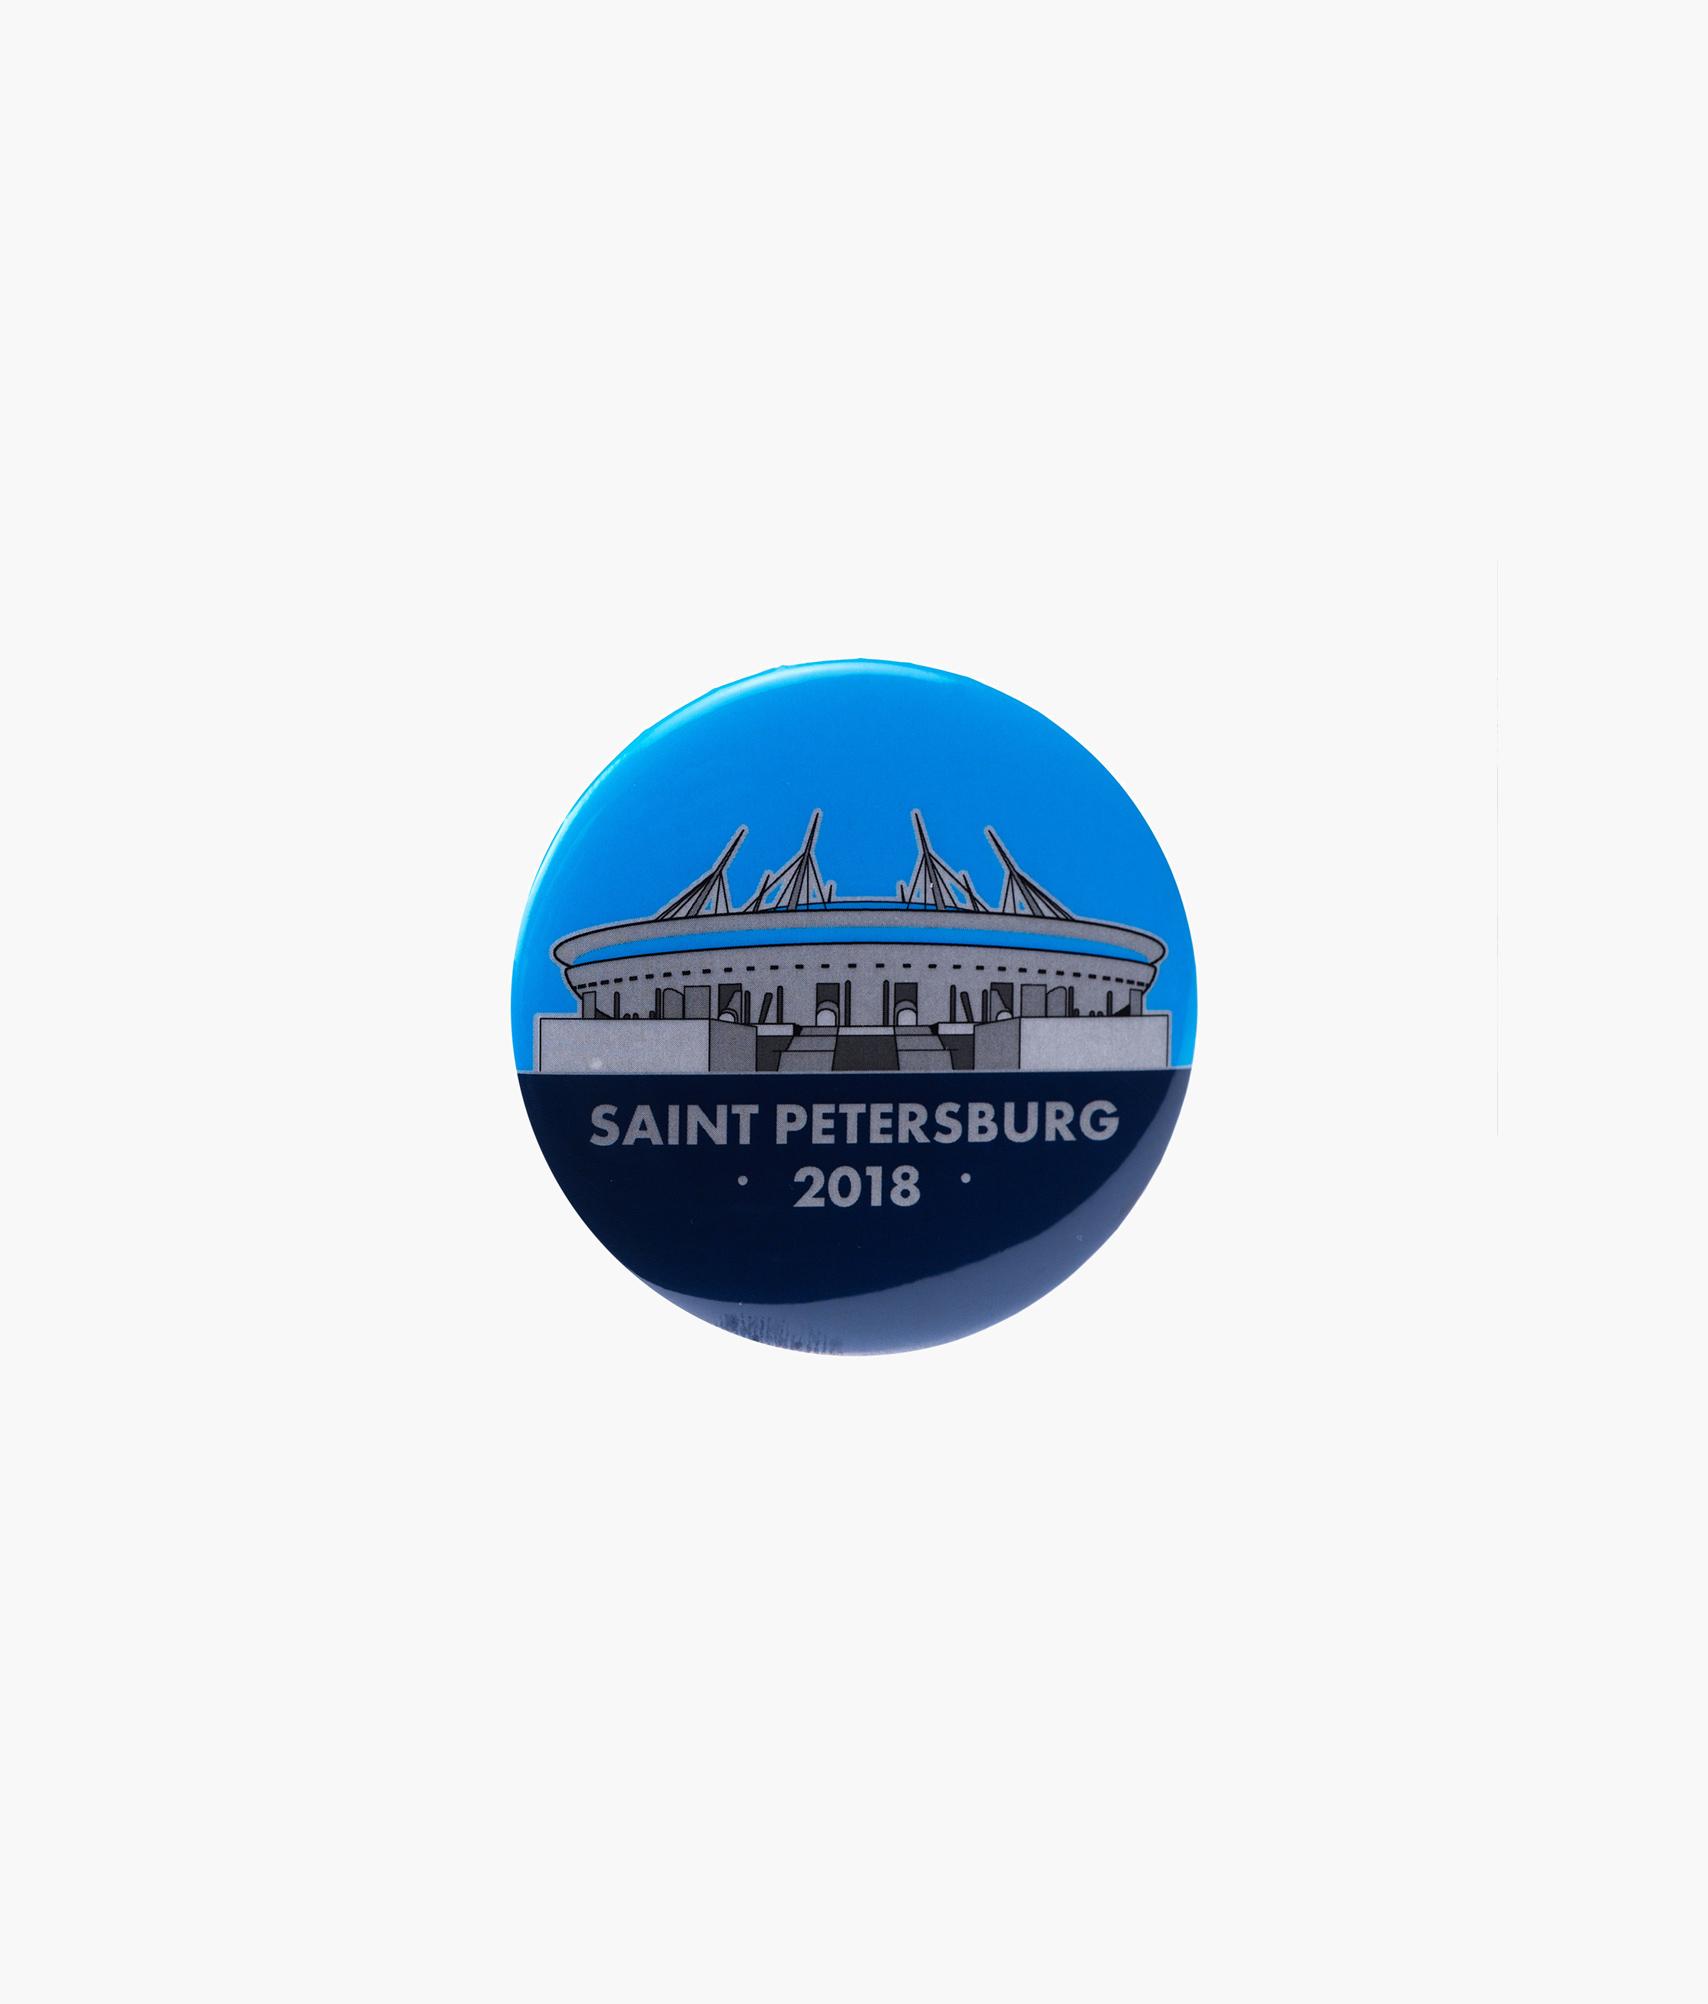 Значок закатной «Санкт-Петербург» Зенит значок закатной эмблема чемпионата мира 2018 зенит